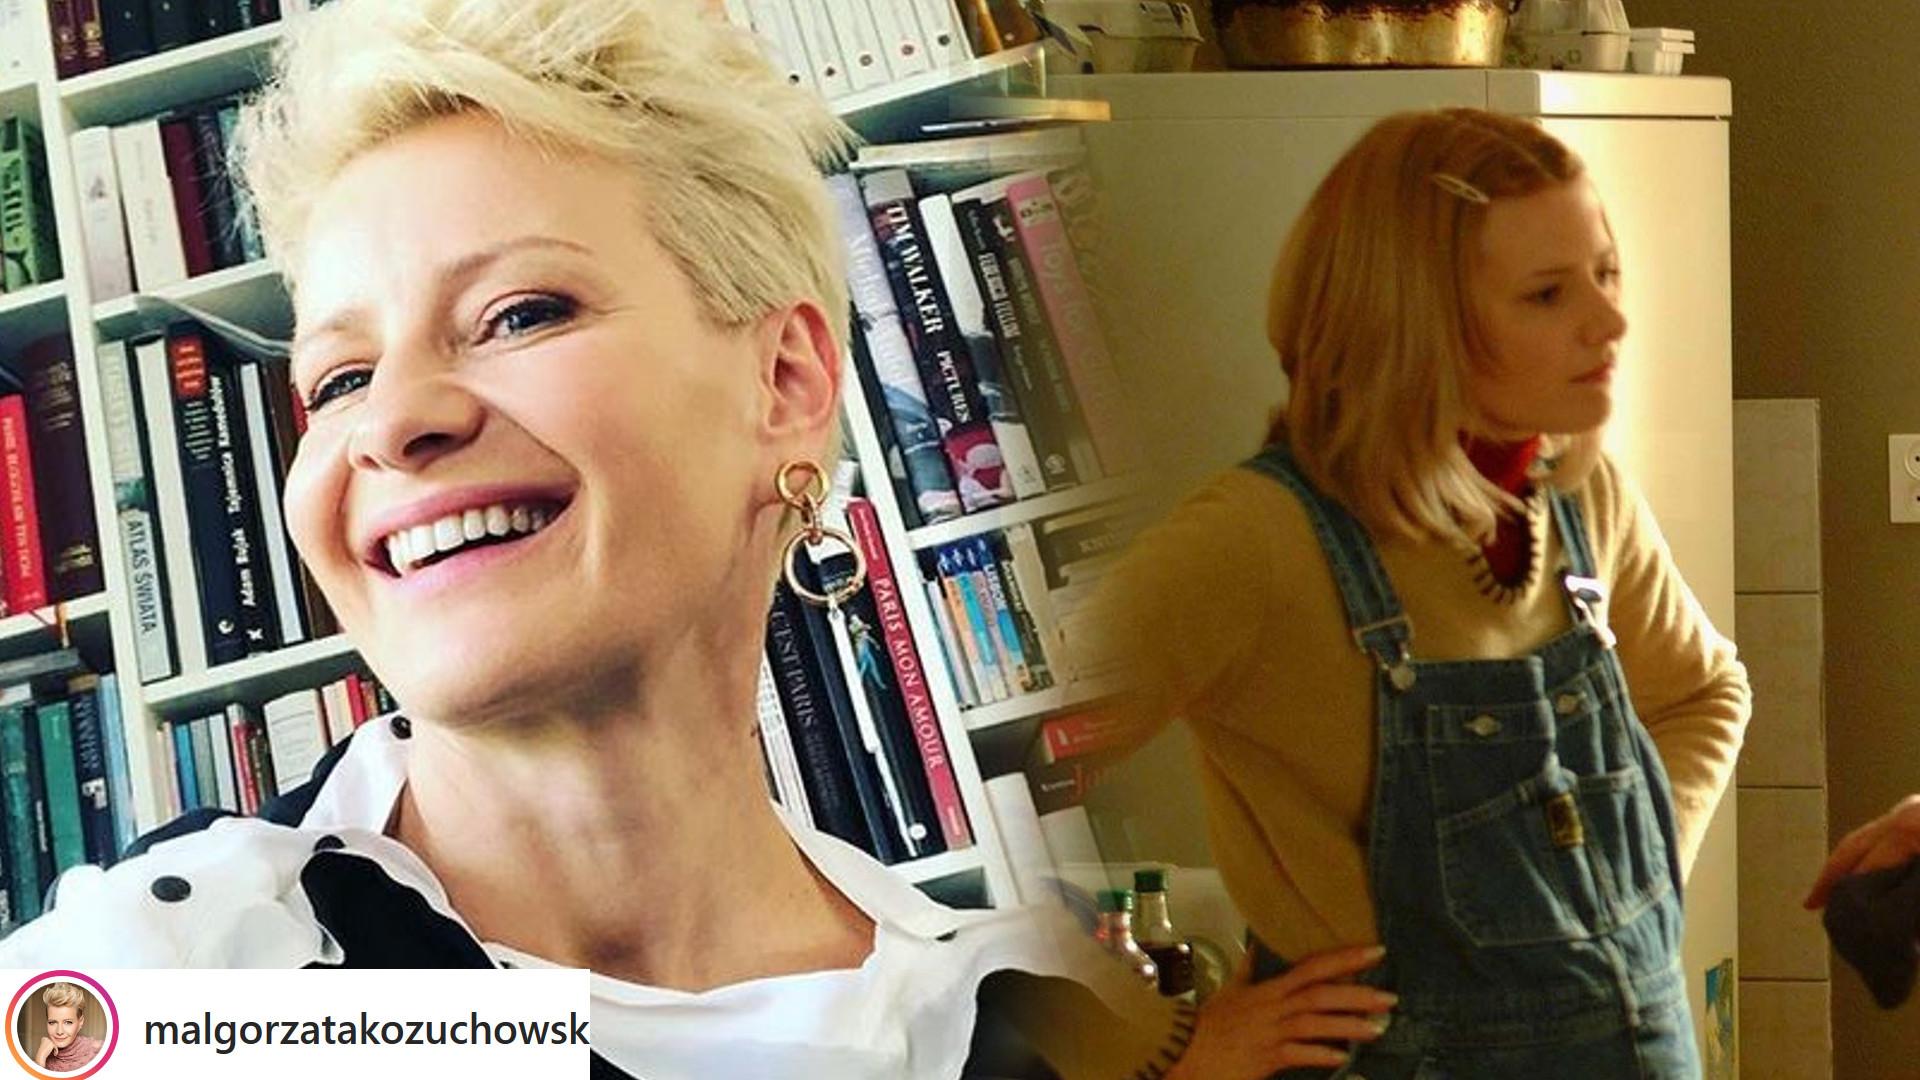 Małgorzata Kożuchowska KOMENTUJE powrót do M jak miłość